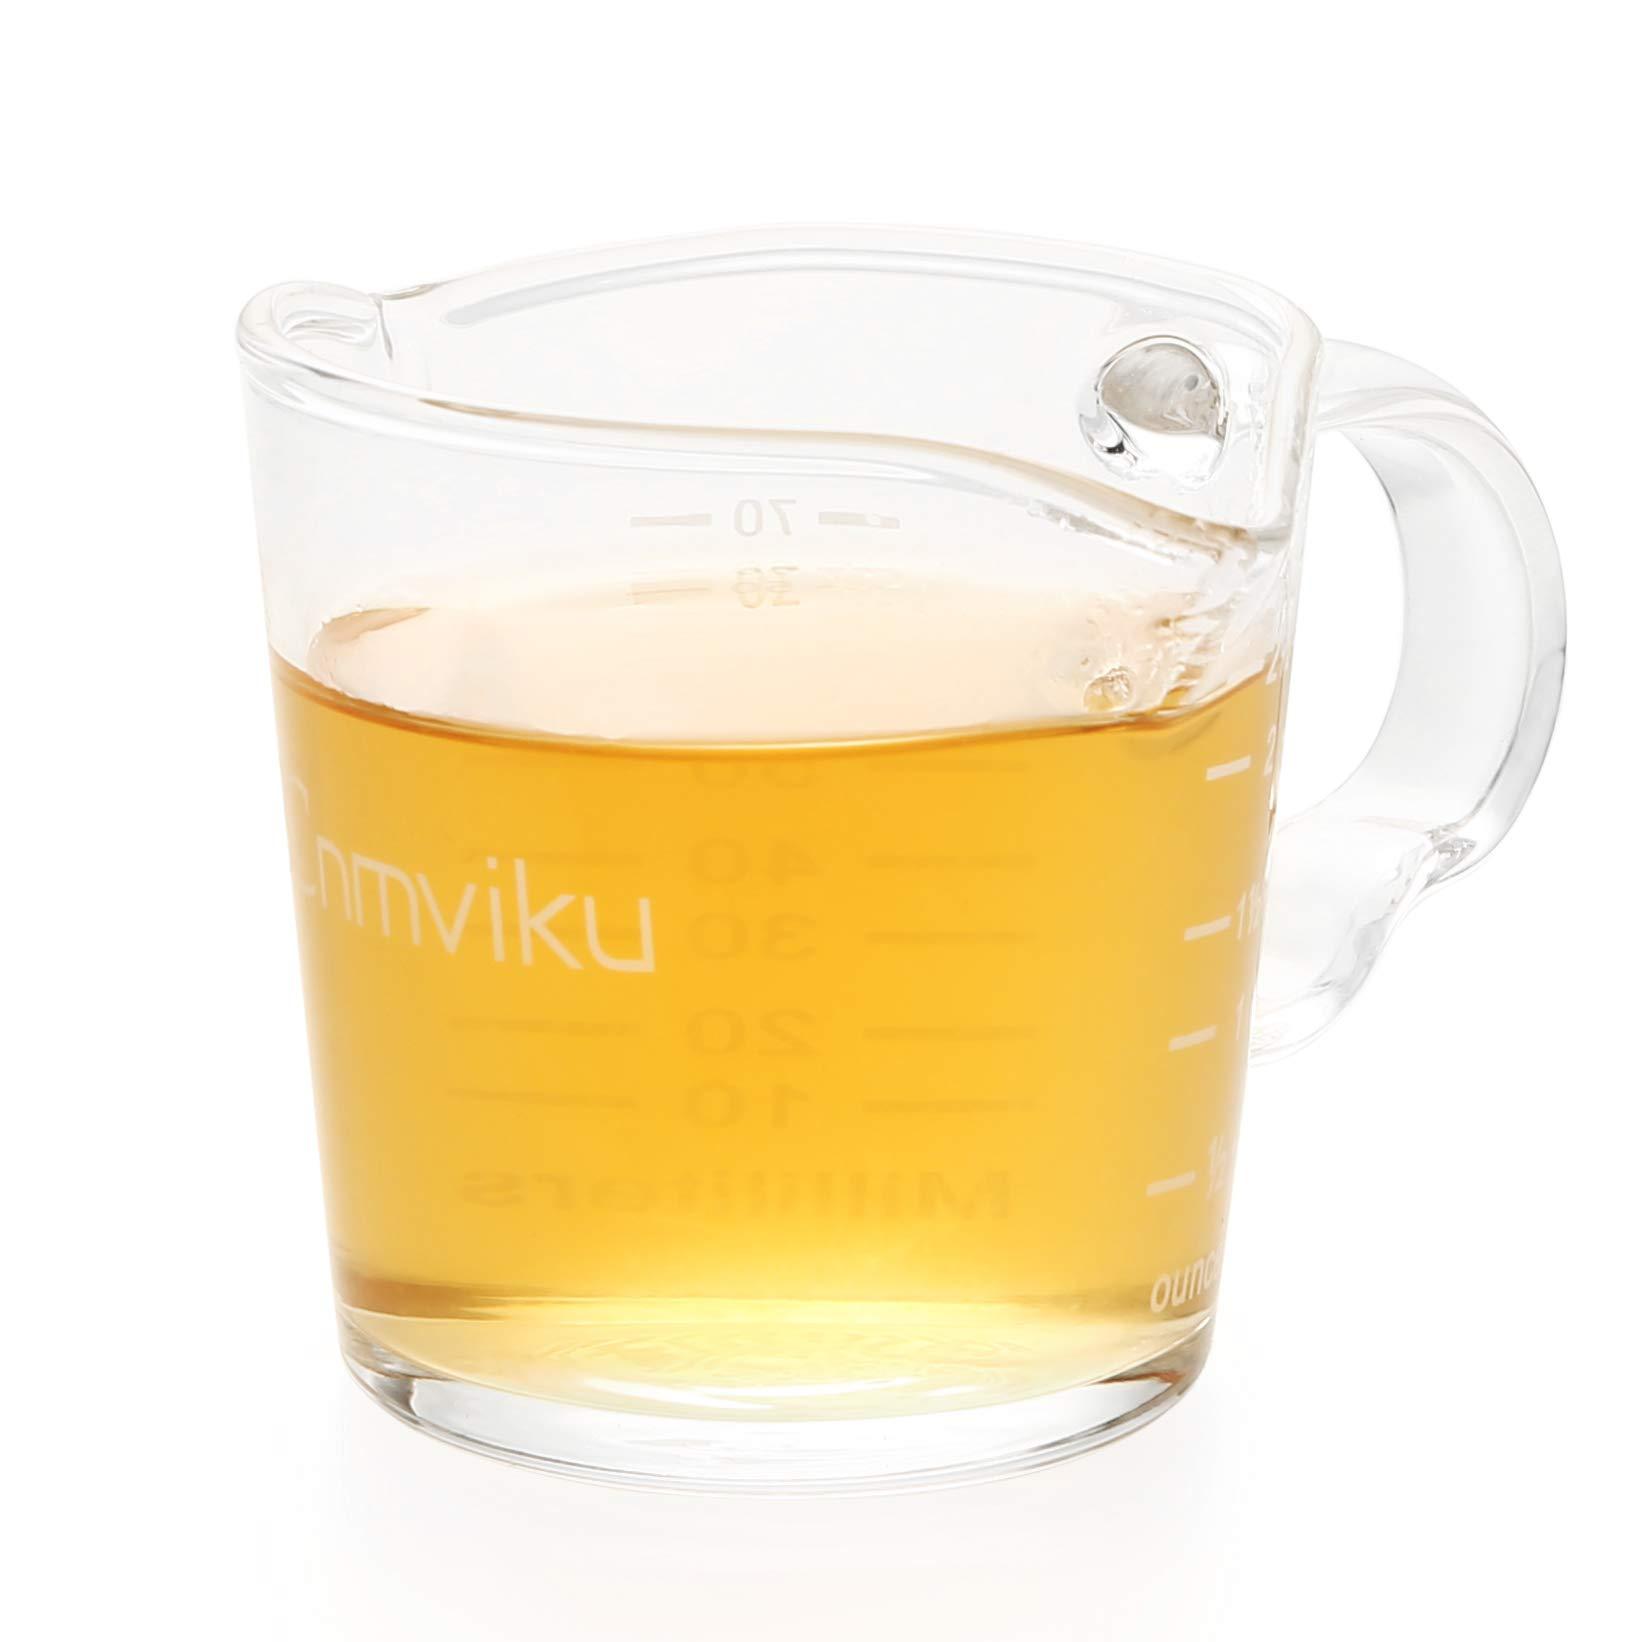 Espresso Shot Glass 3OZ Triple Spout Barista Shot Pitcher Double Spouts Convenient Pouring Handle By BCnmviku (1)